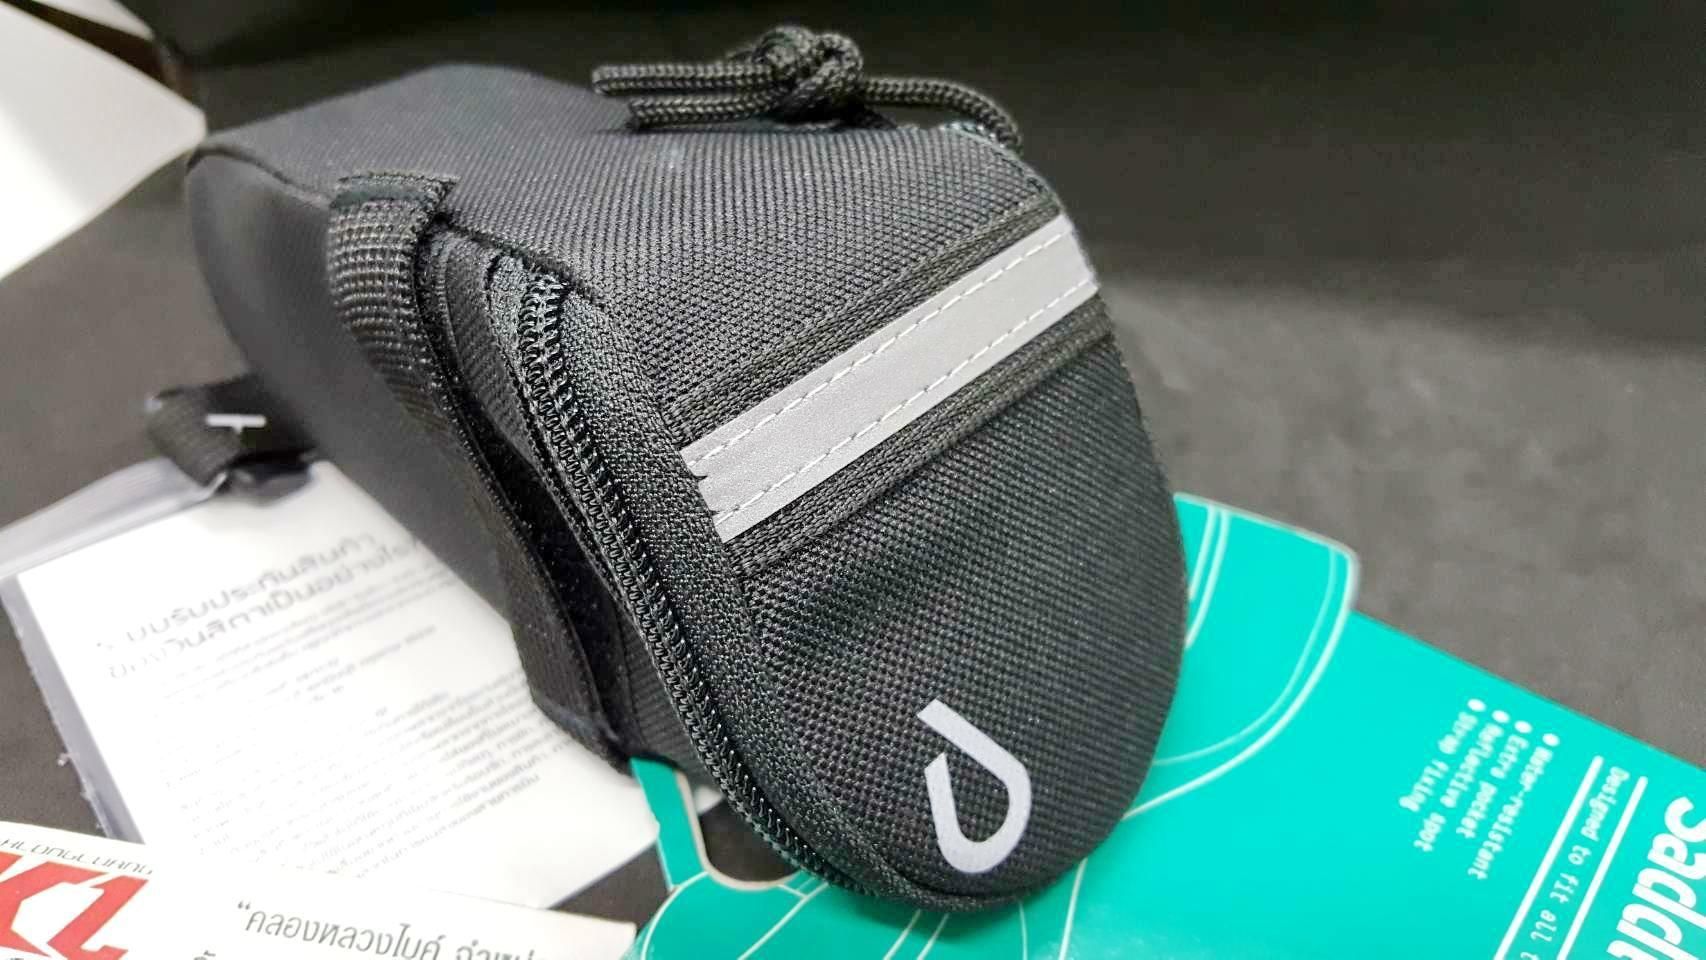 กระเป๋าใต้อาน Vincita ขนาดเล็ก งานตัดเย็บ อย่างดี คุณภาพส่งออก